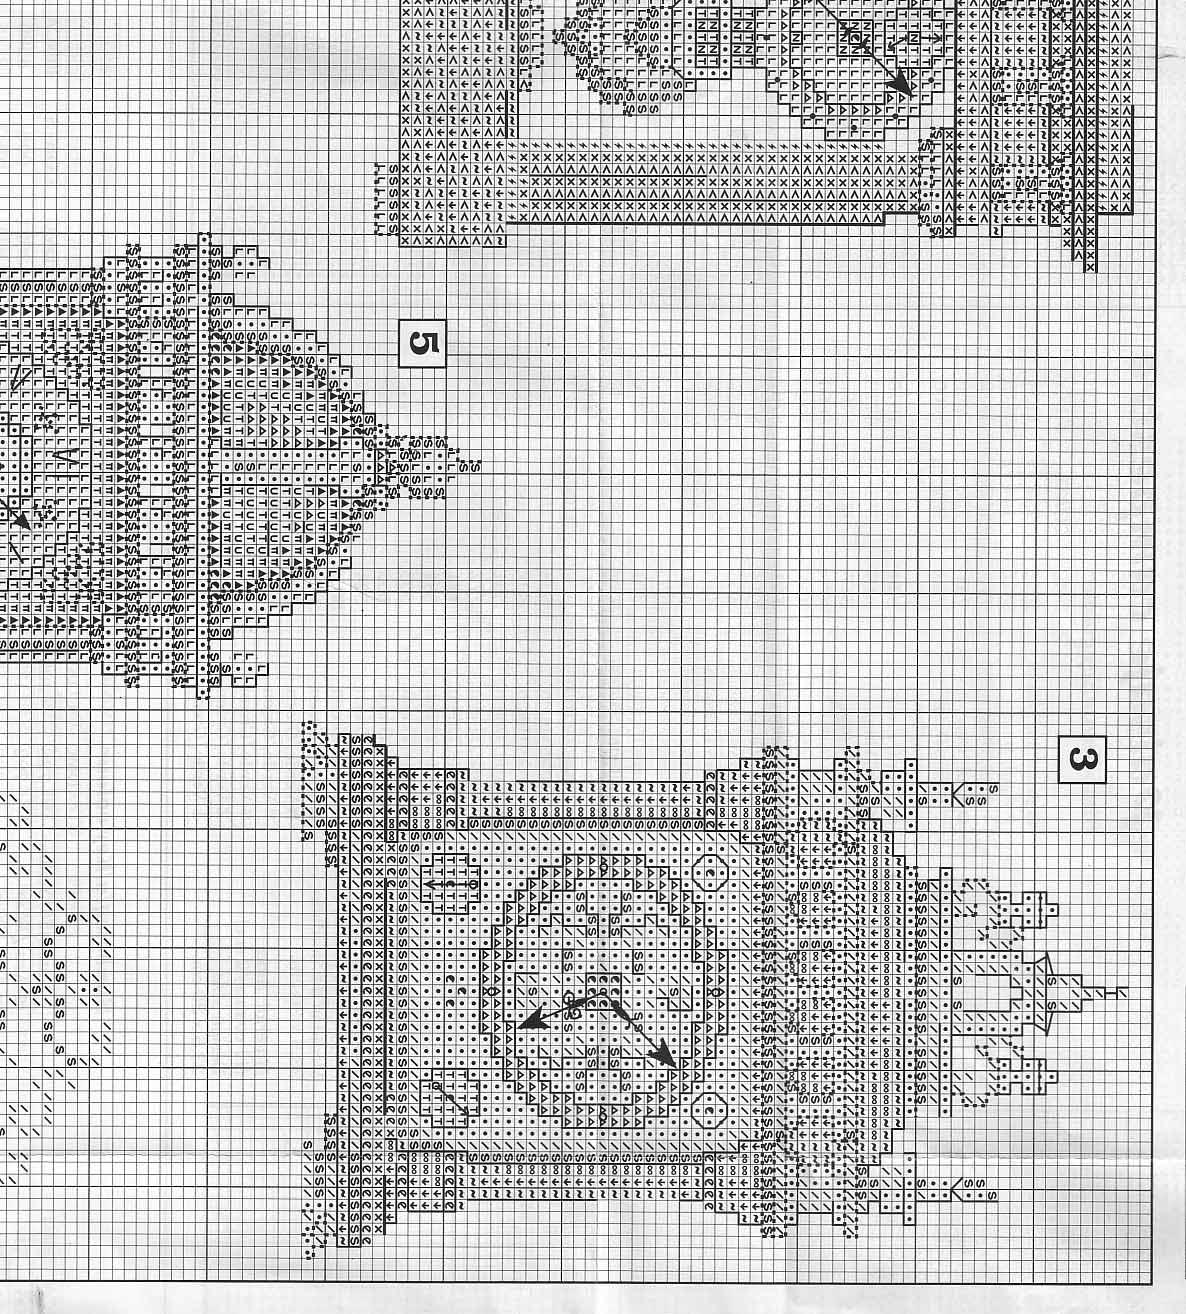 Orologi antichi da ricamare a punto croce 5 for Orologio punto croce schemi gratis